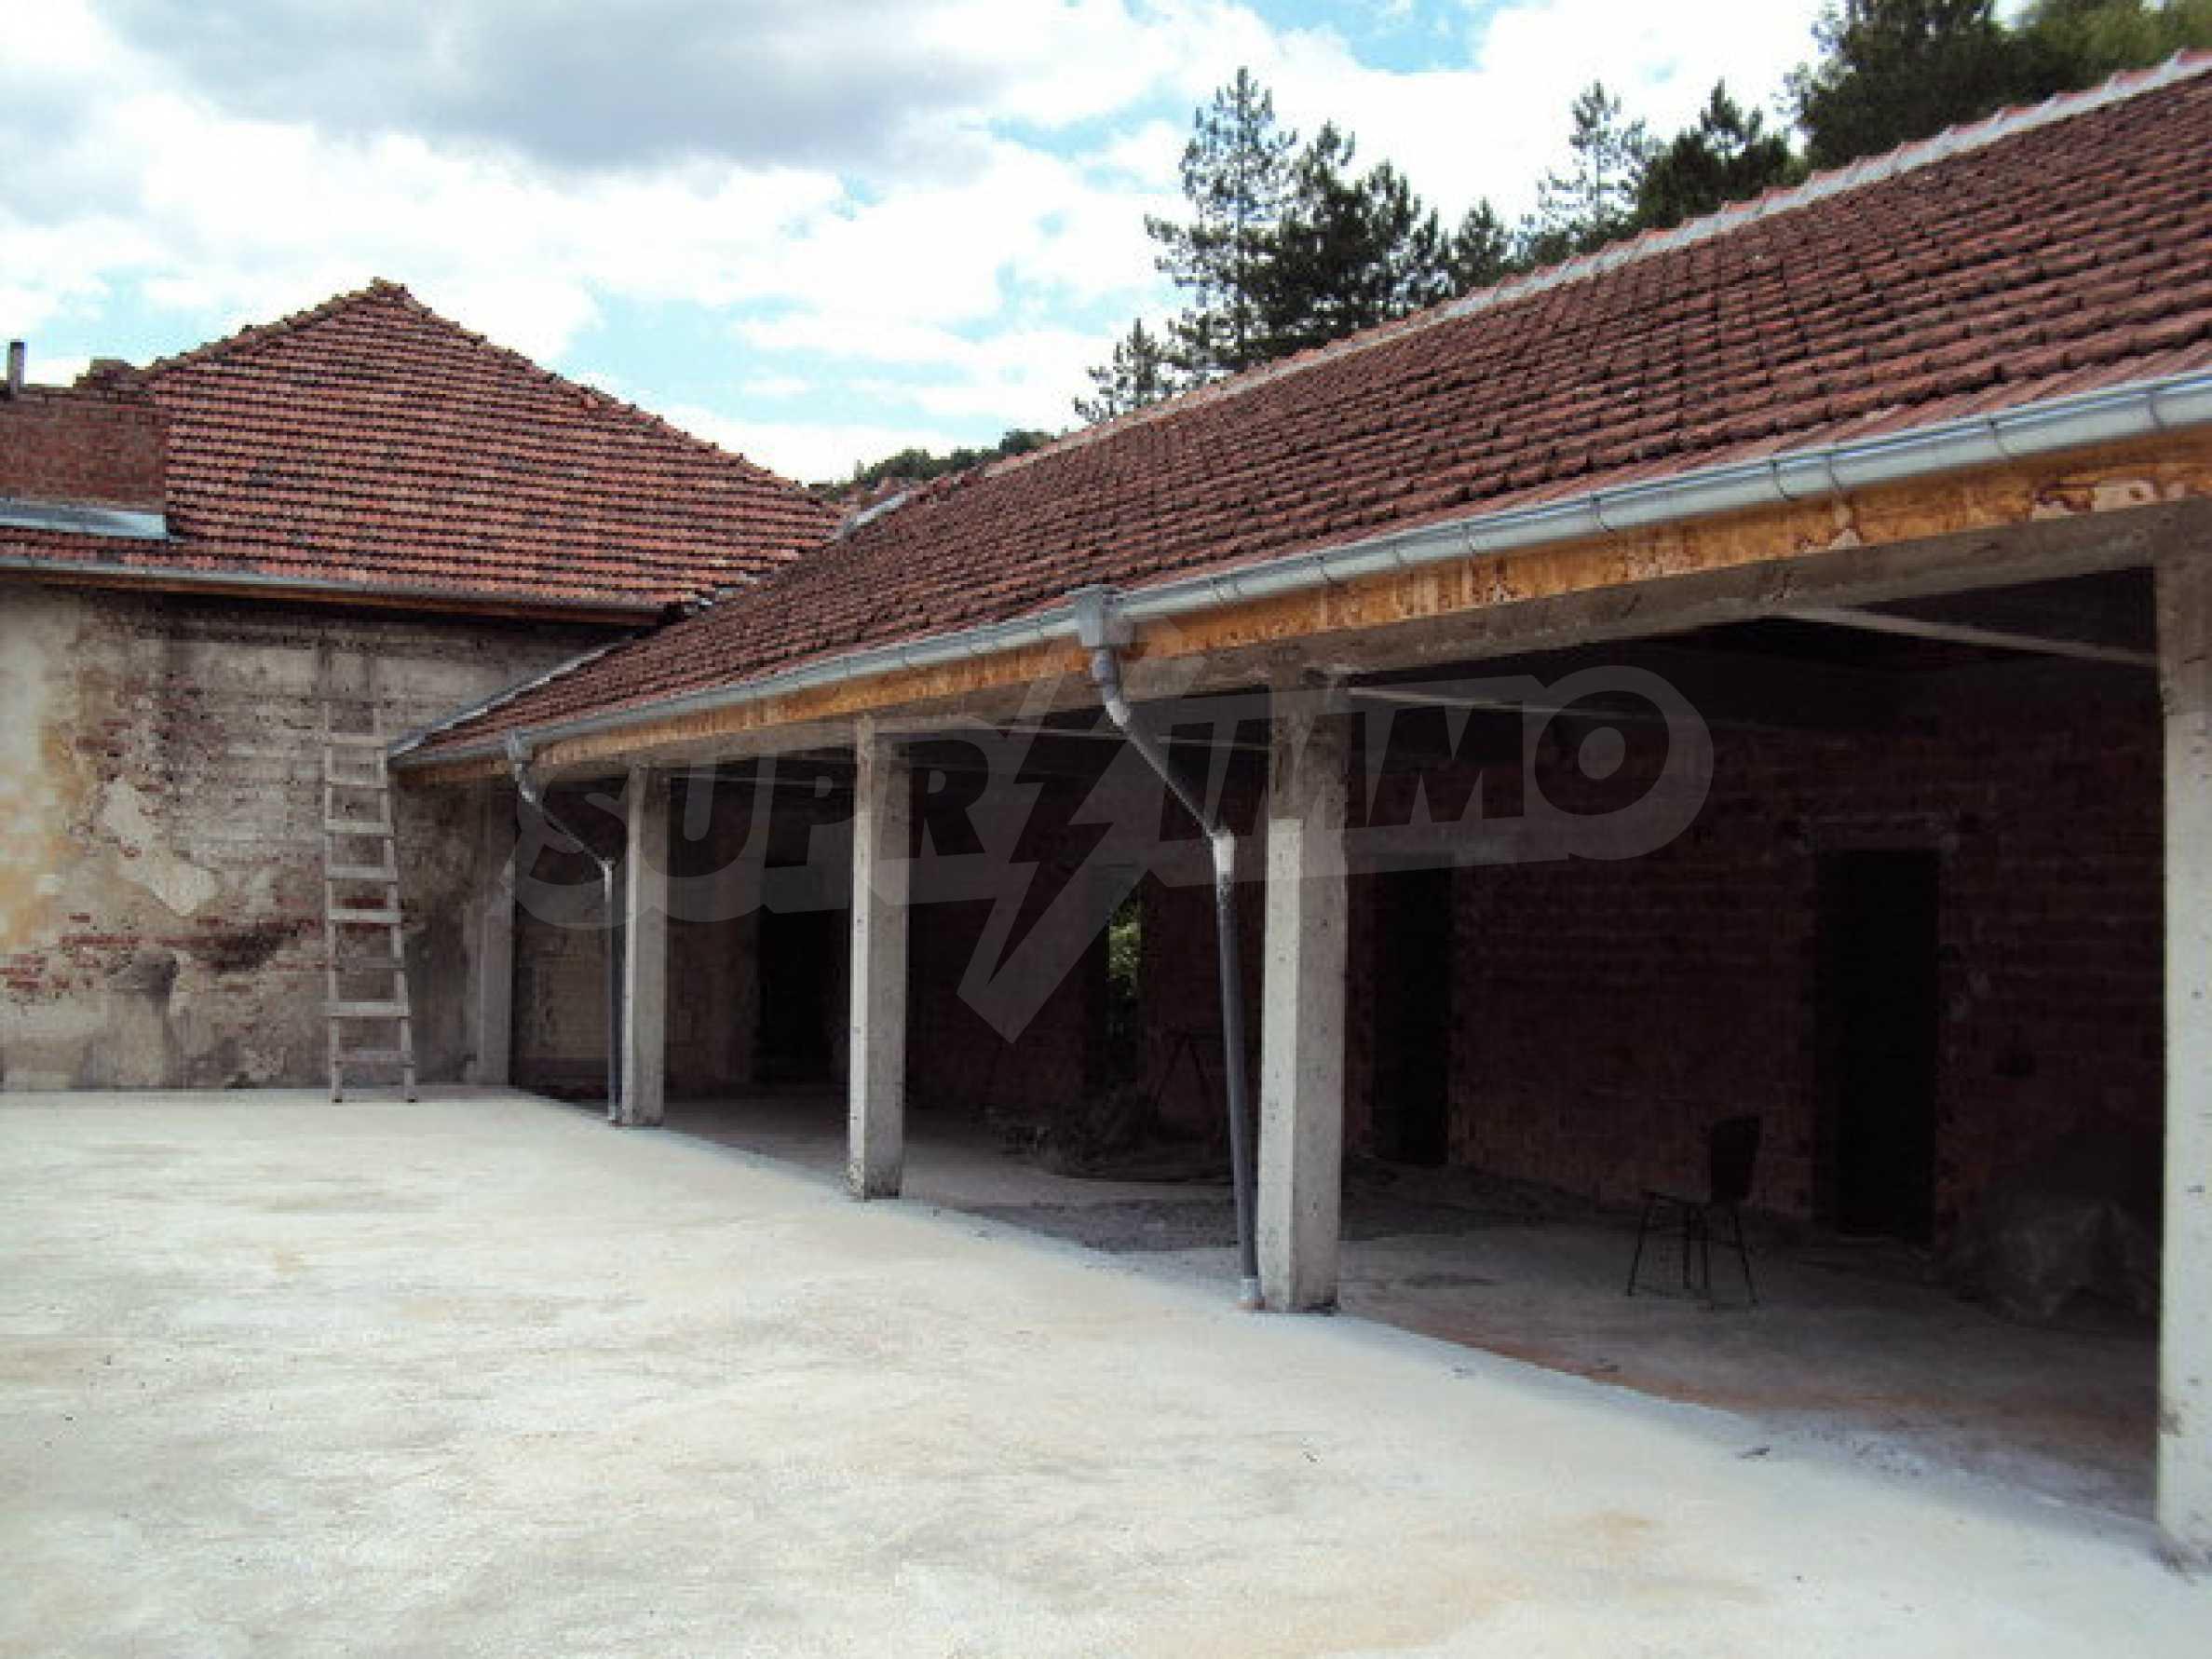 Уникальное здание на берегу реки Янтра, г. Велико Тырново 26